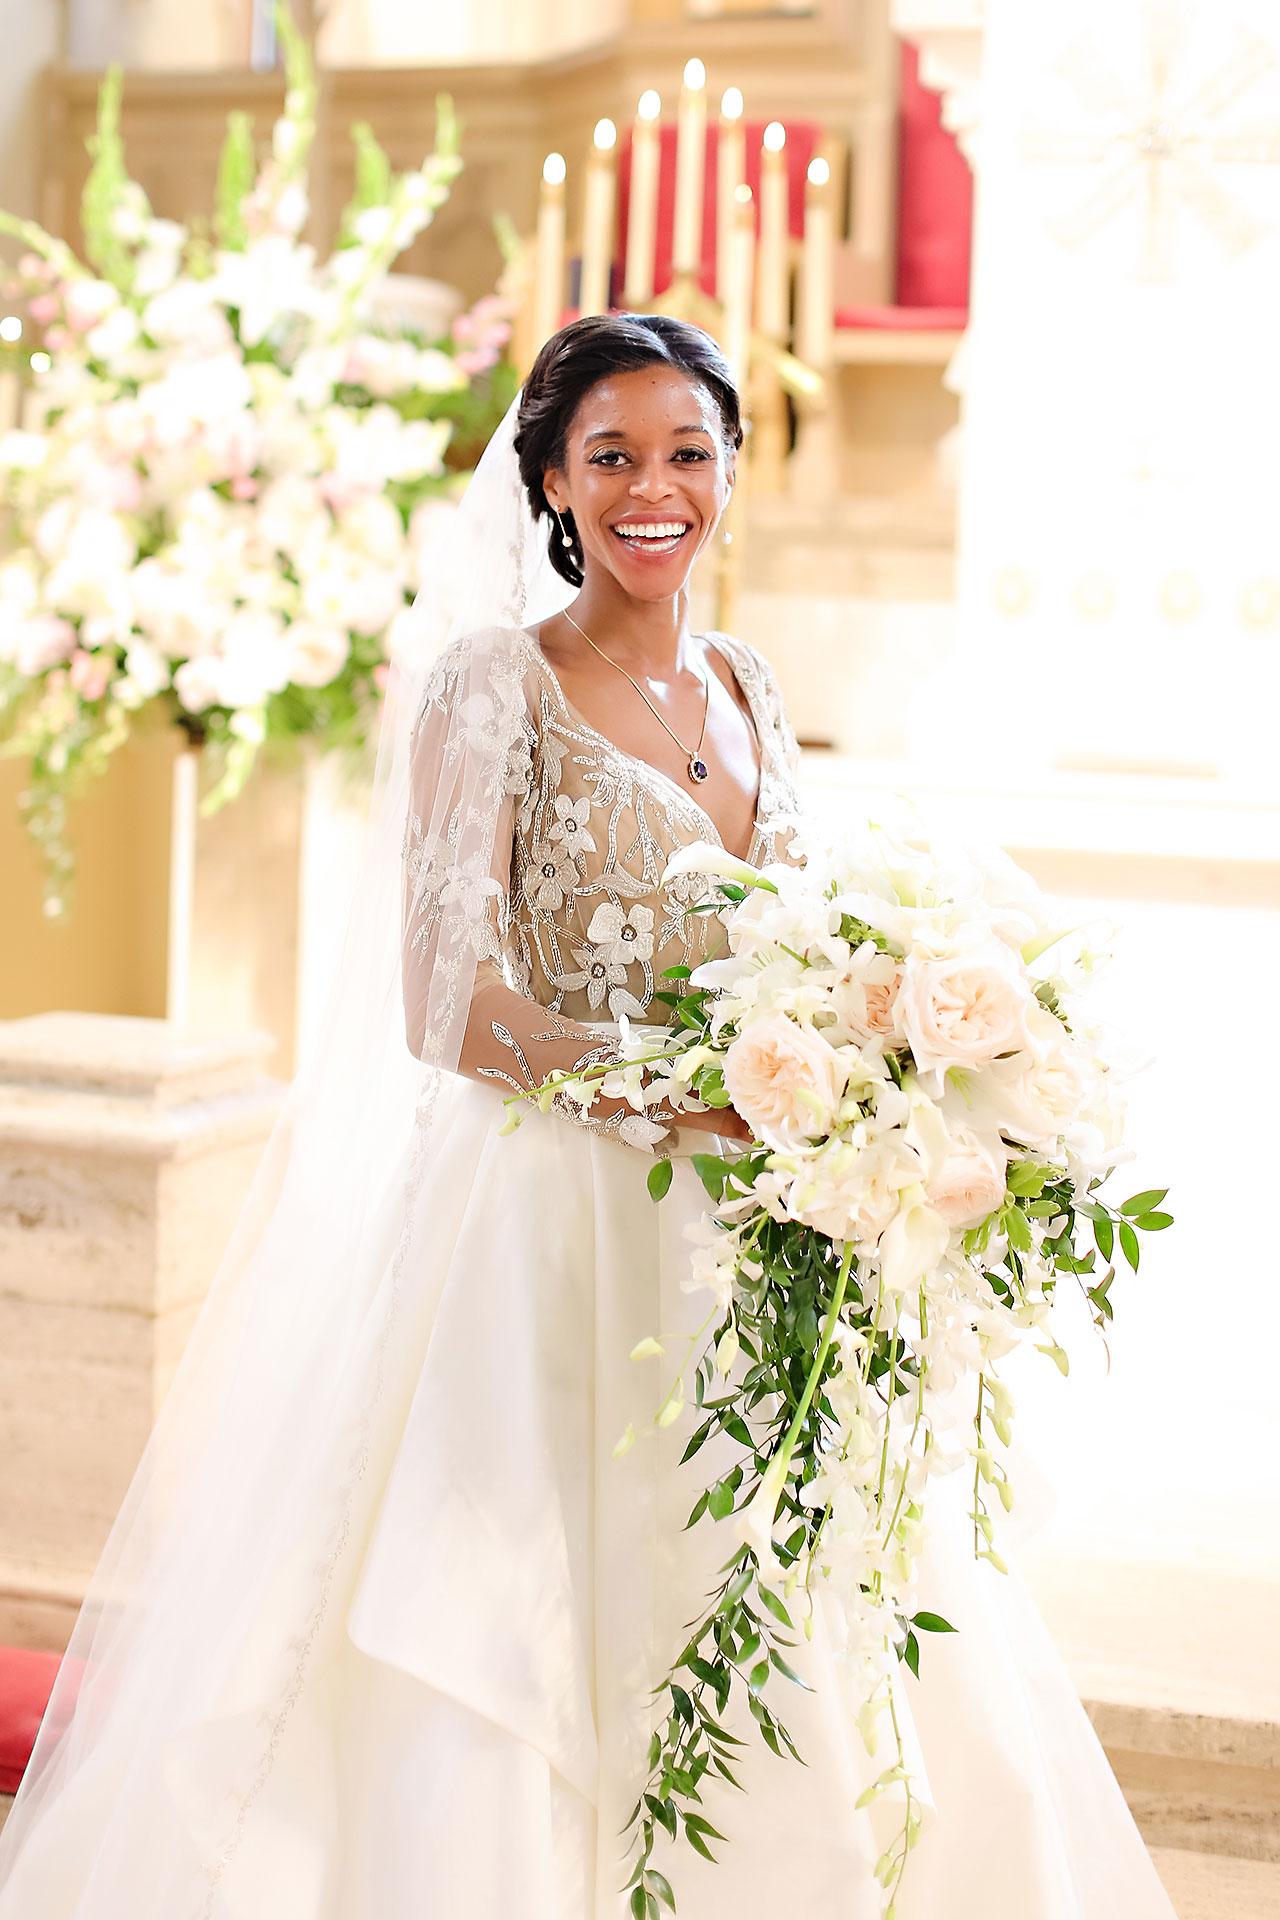 Joie Nikhil Indianapolis Christian Wedding 103